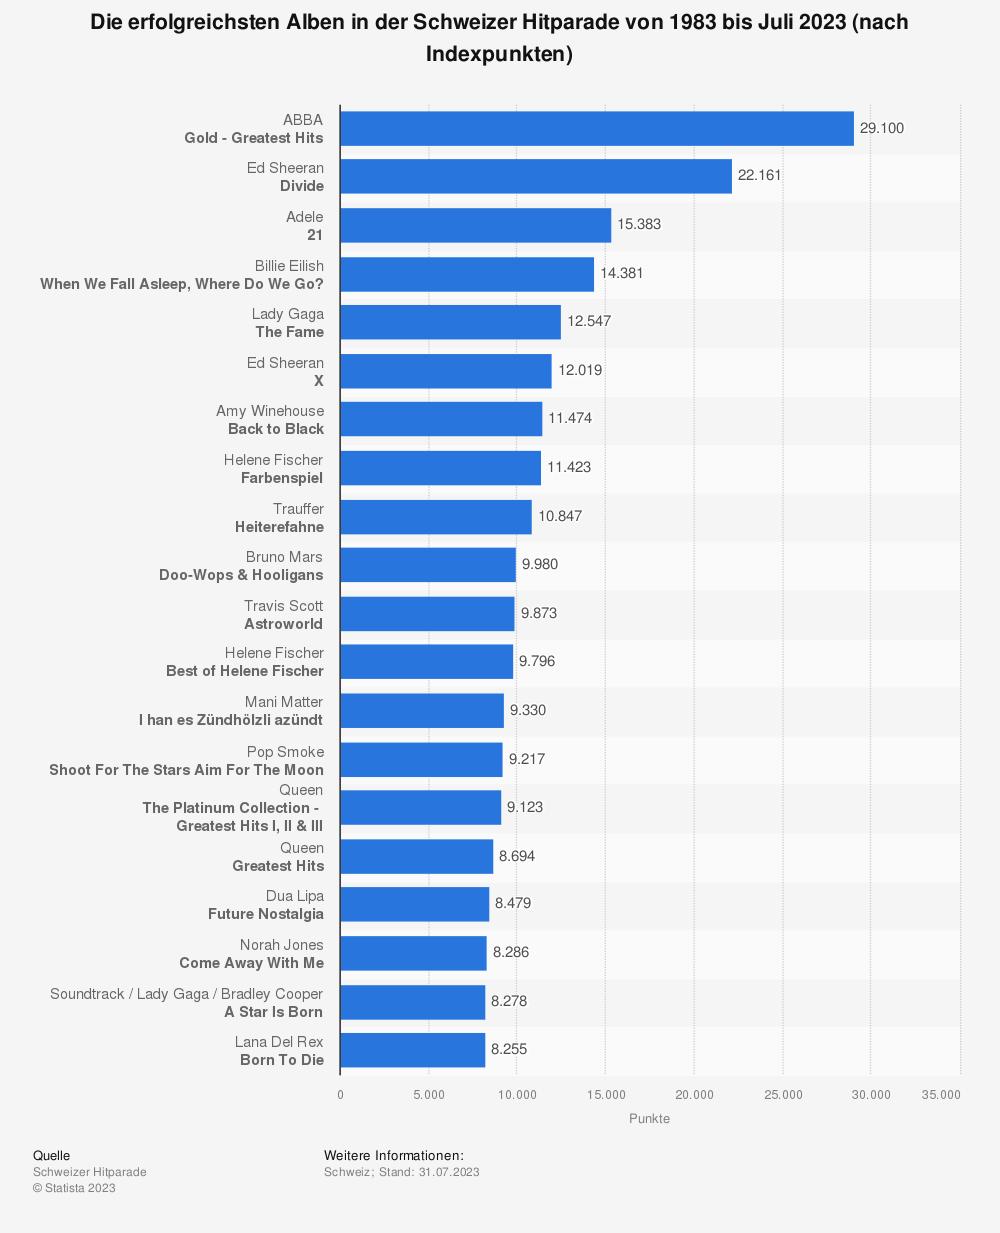 Statistik: Ranking der zwanzig erfolgreichsten Alben in der Schweizer Hitparade von 1983 bis Juni 2020 (nach Indexpunkten) | Statista